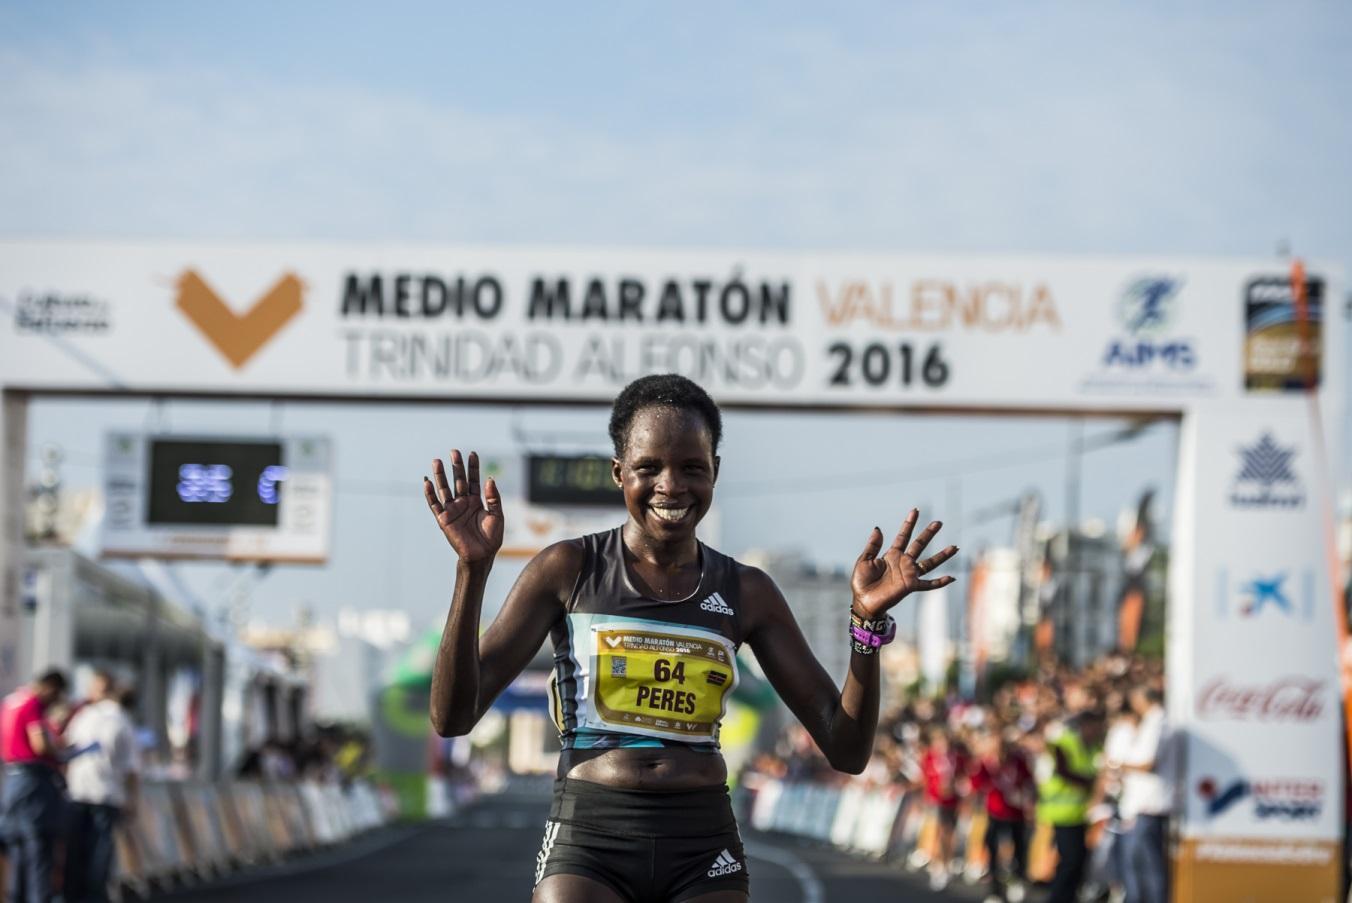 Resultado de imagen de media maraton de valencia Peres Jepchirchir